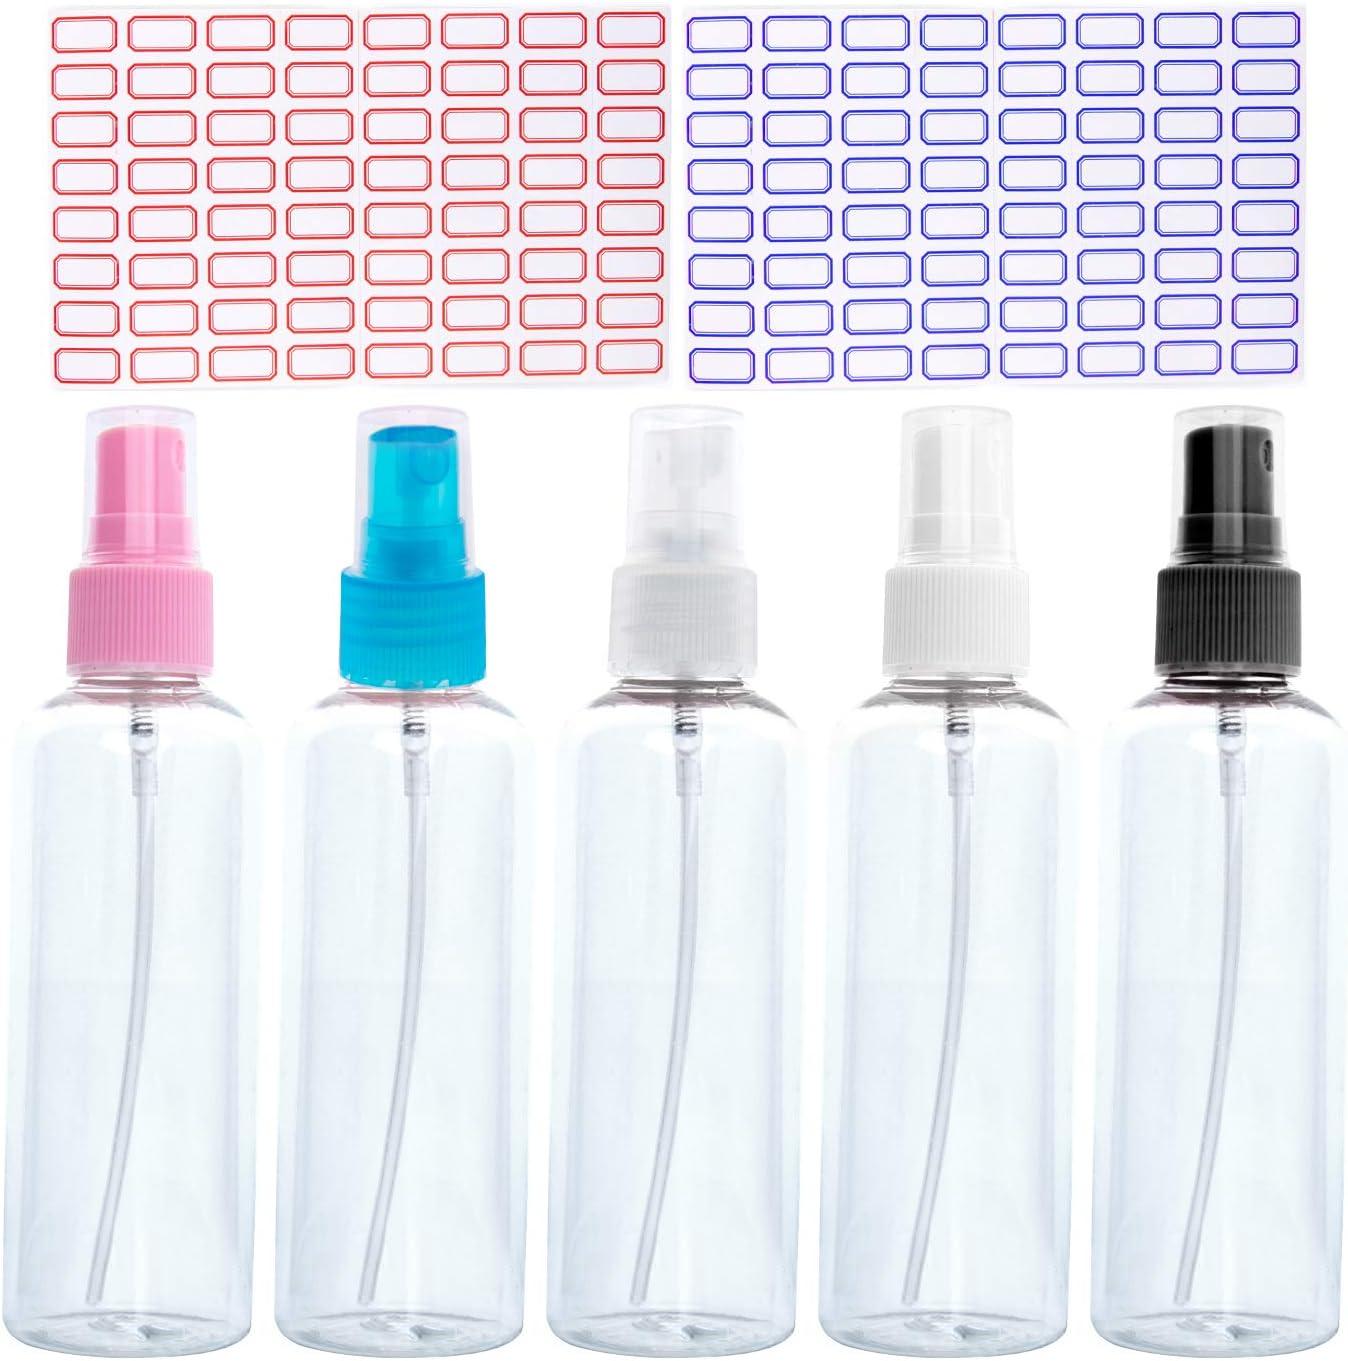 Spray Bottle 100ml Plastic Refillable